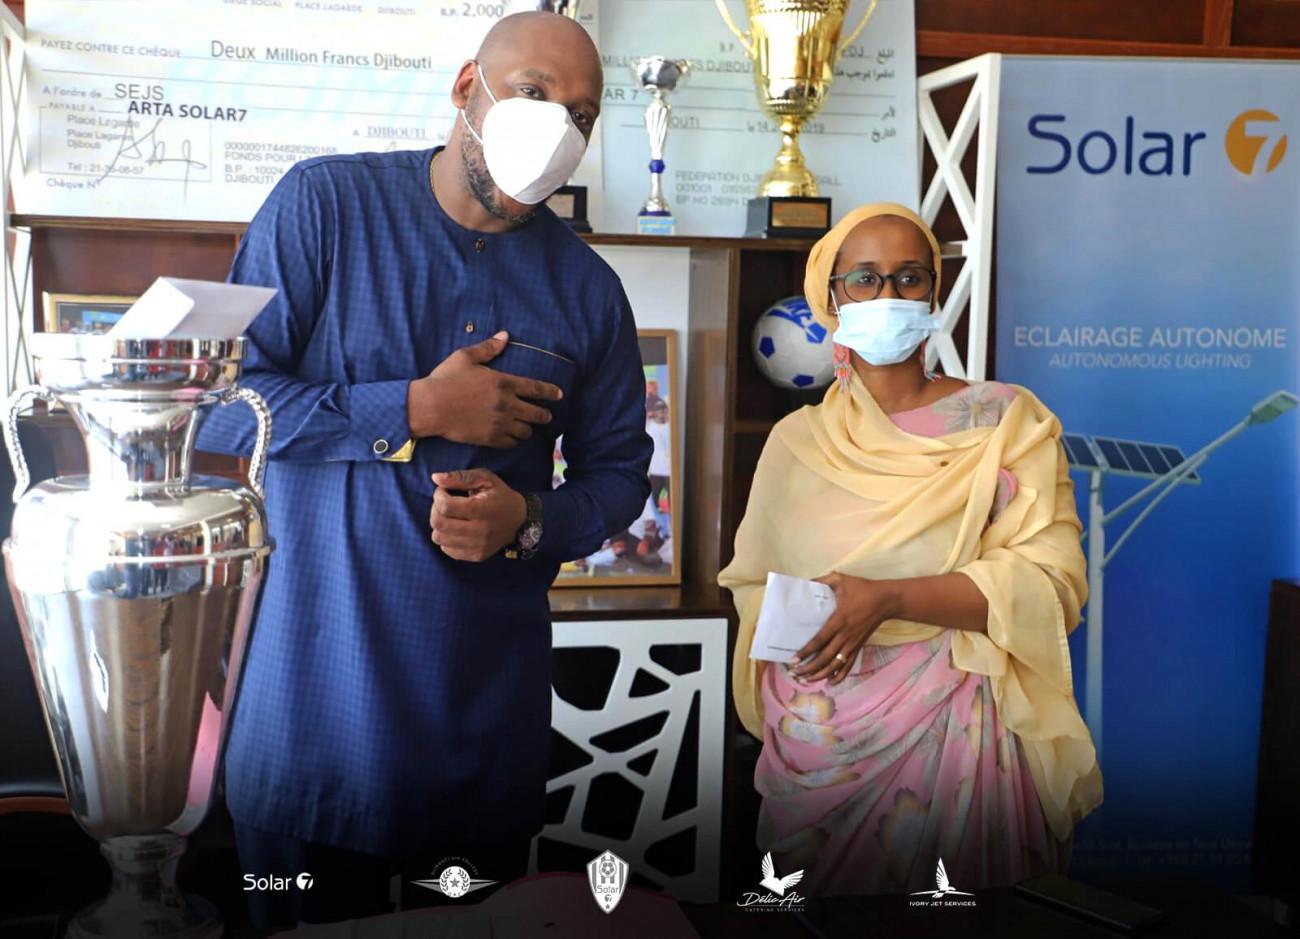 Djibouti : Tommy Tayoro Nyckoss fan As Arta Solar 7